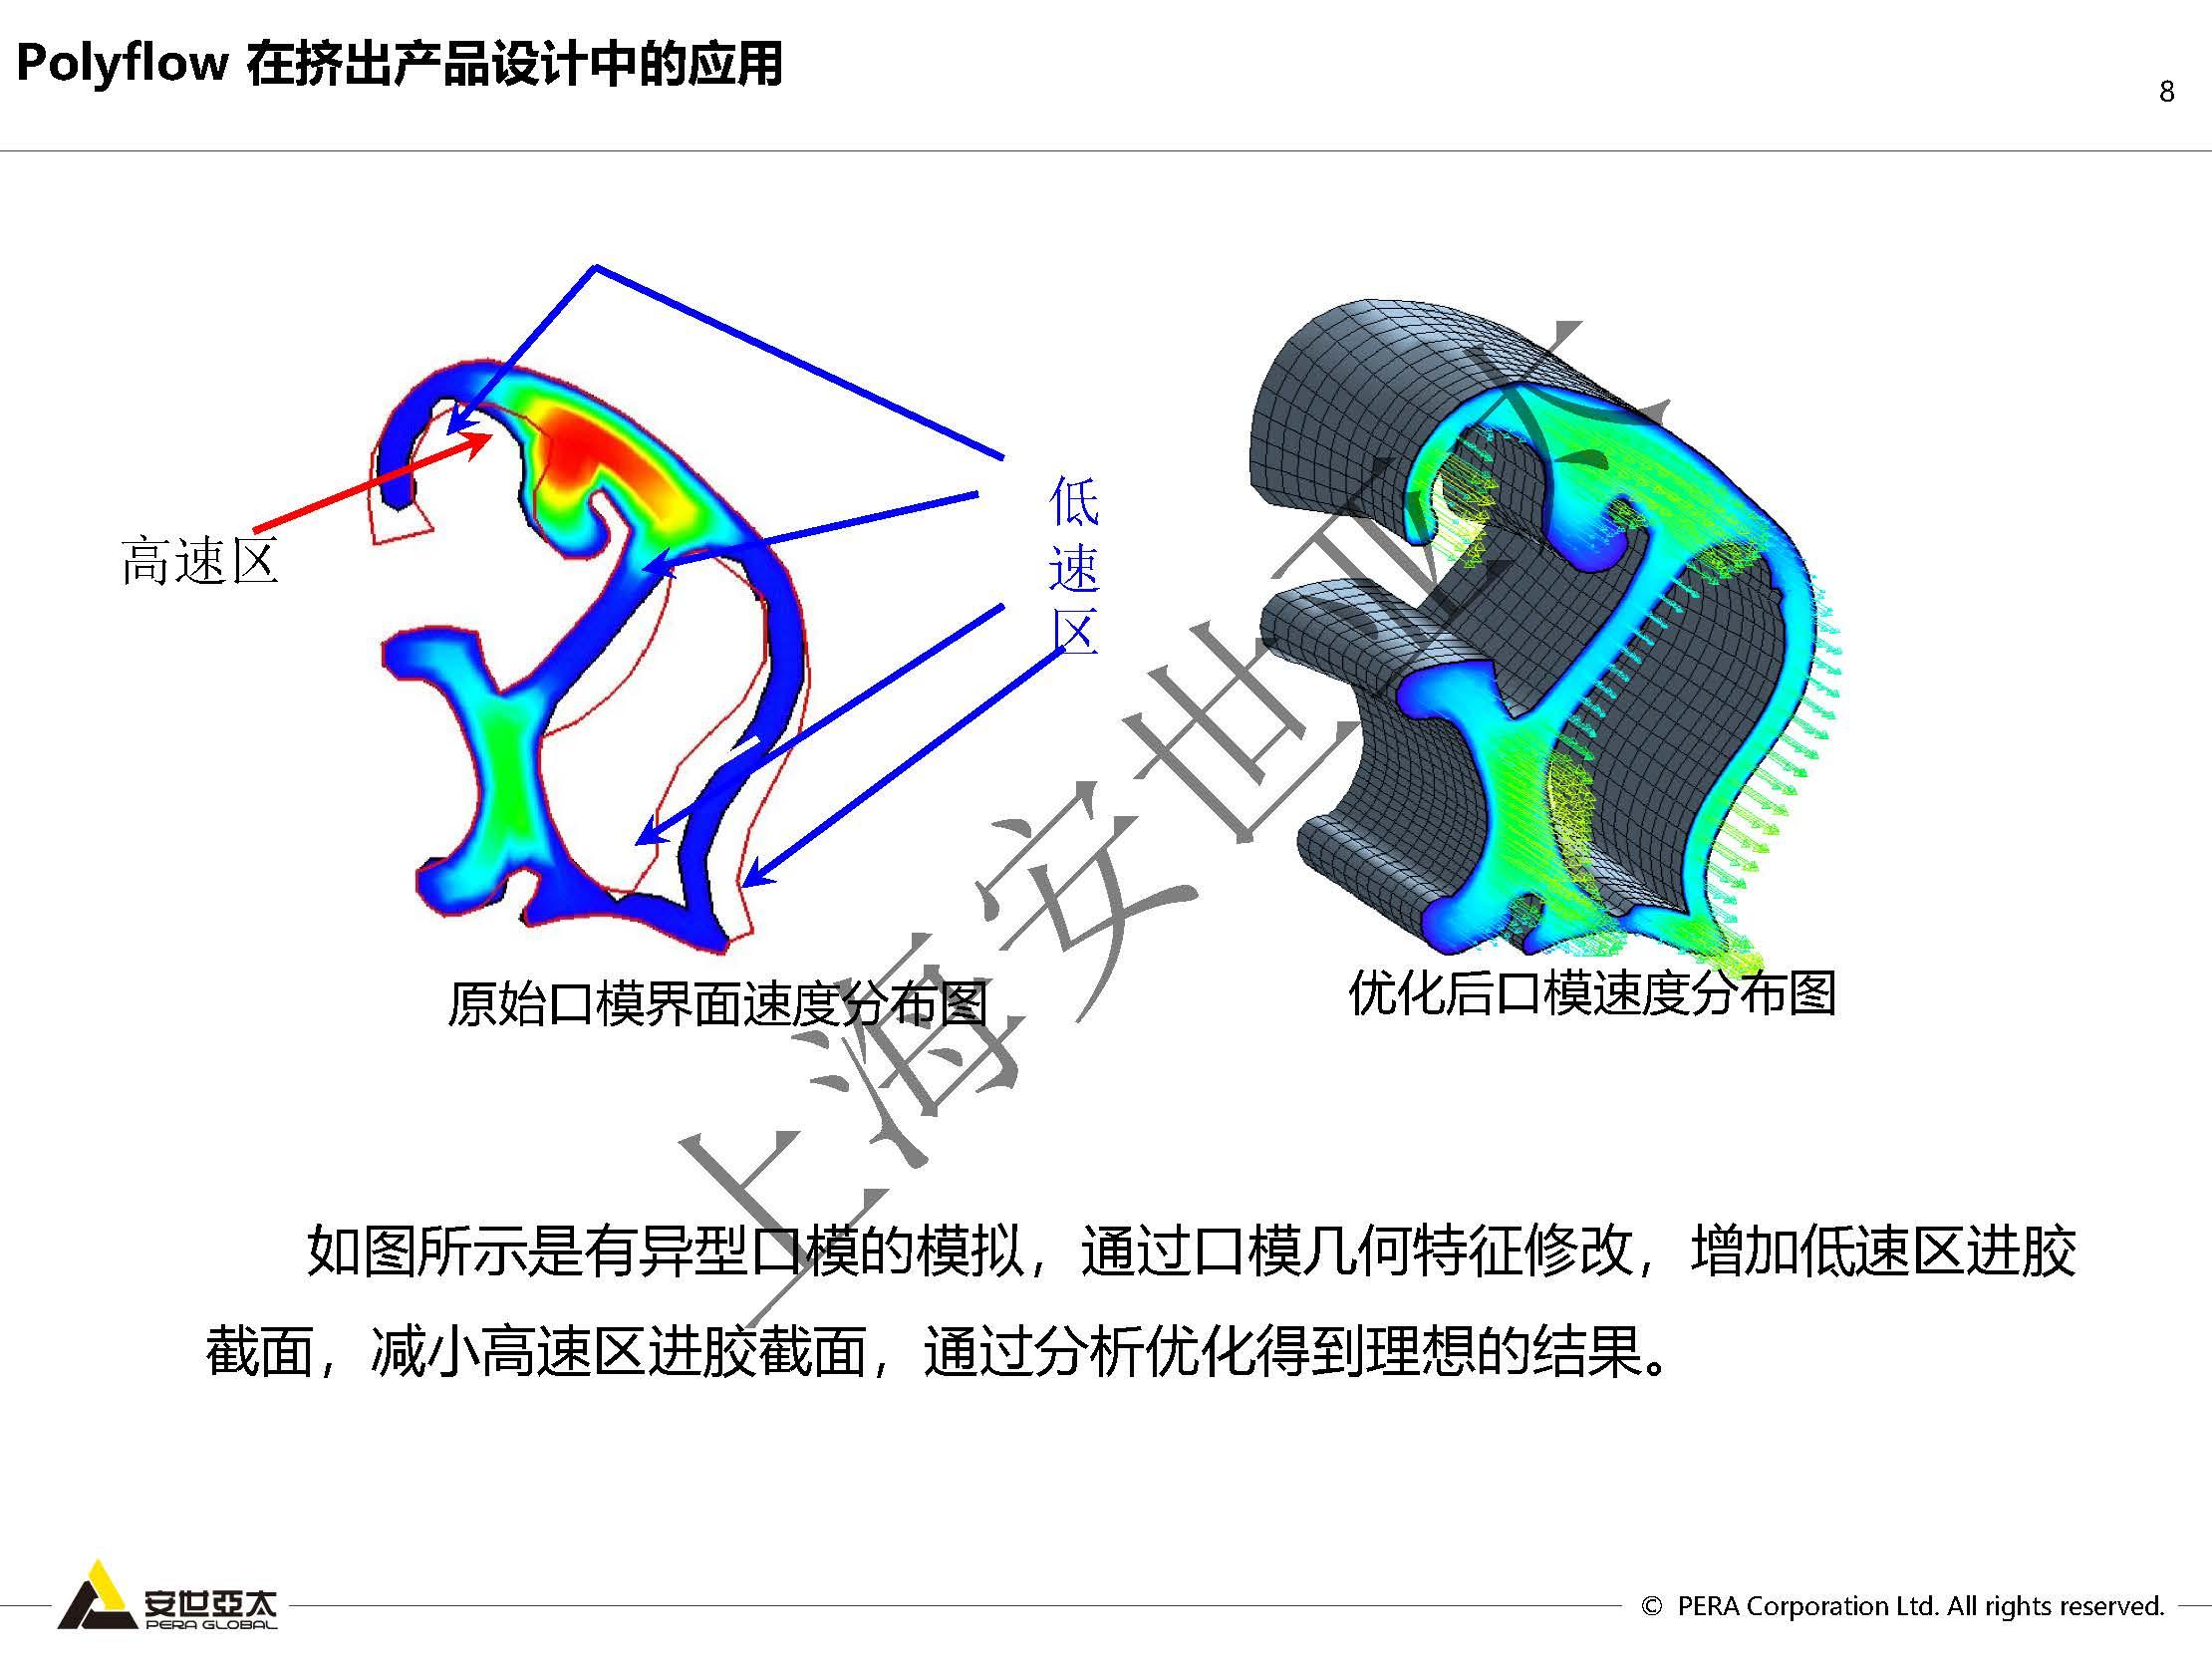 橡塑材料的产品设计与仿真技术应用